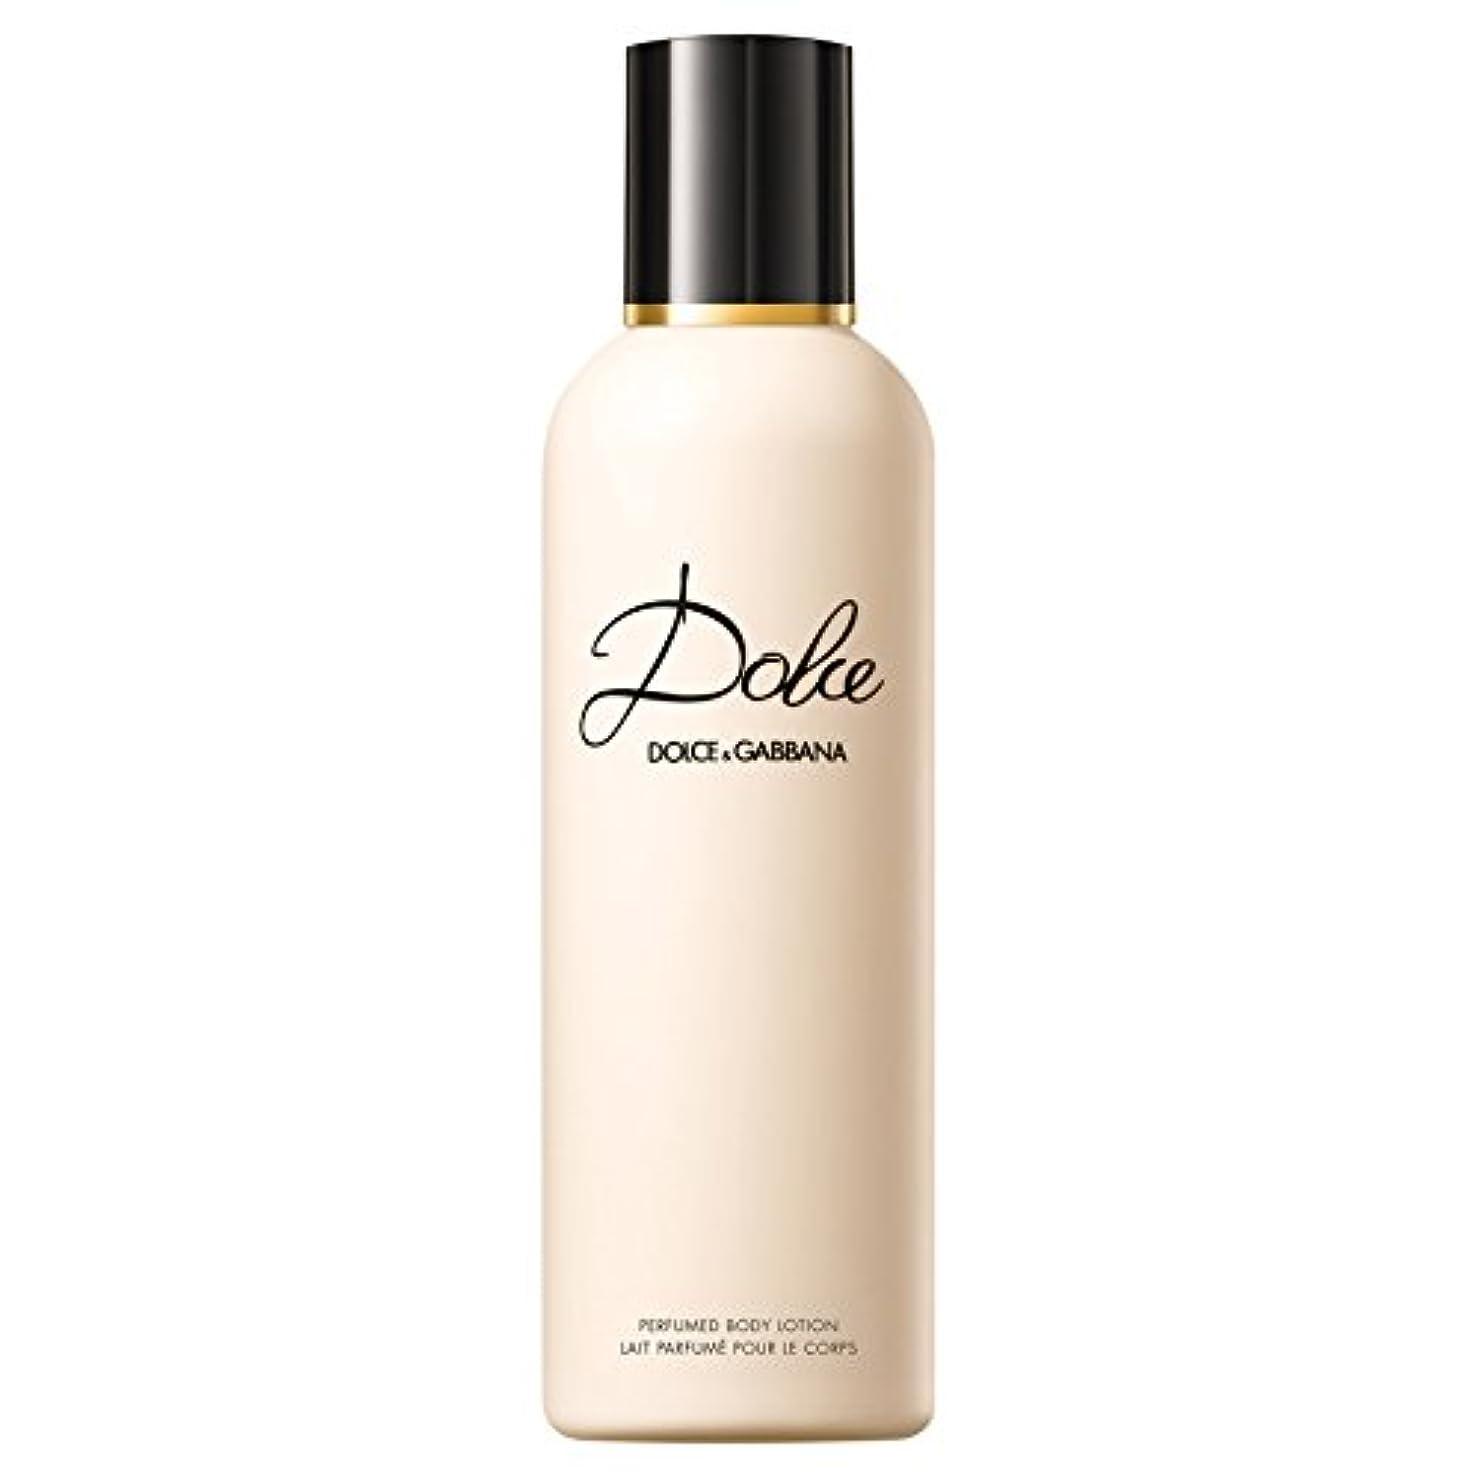 シュリンクフィッティング待つドルチェ&ガッバーナドルチェのボディローション200ミリリットル (Dolce & Gabbana) - Dolce & Gabbana Dolce Body Lotion 200ml [並行輸入品]